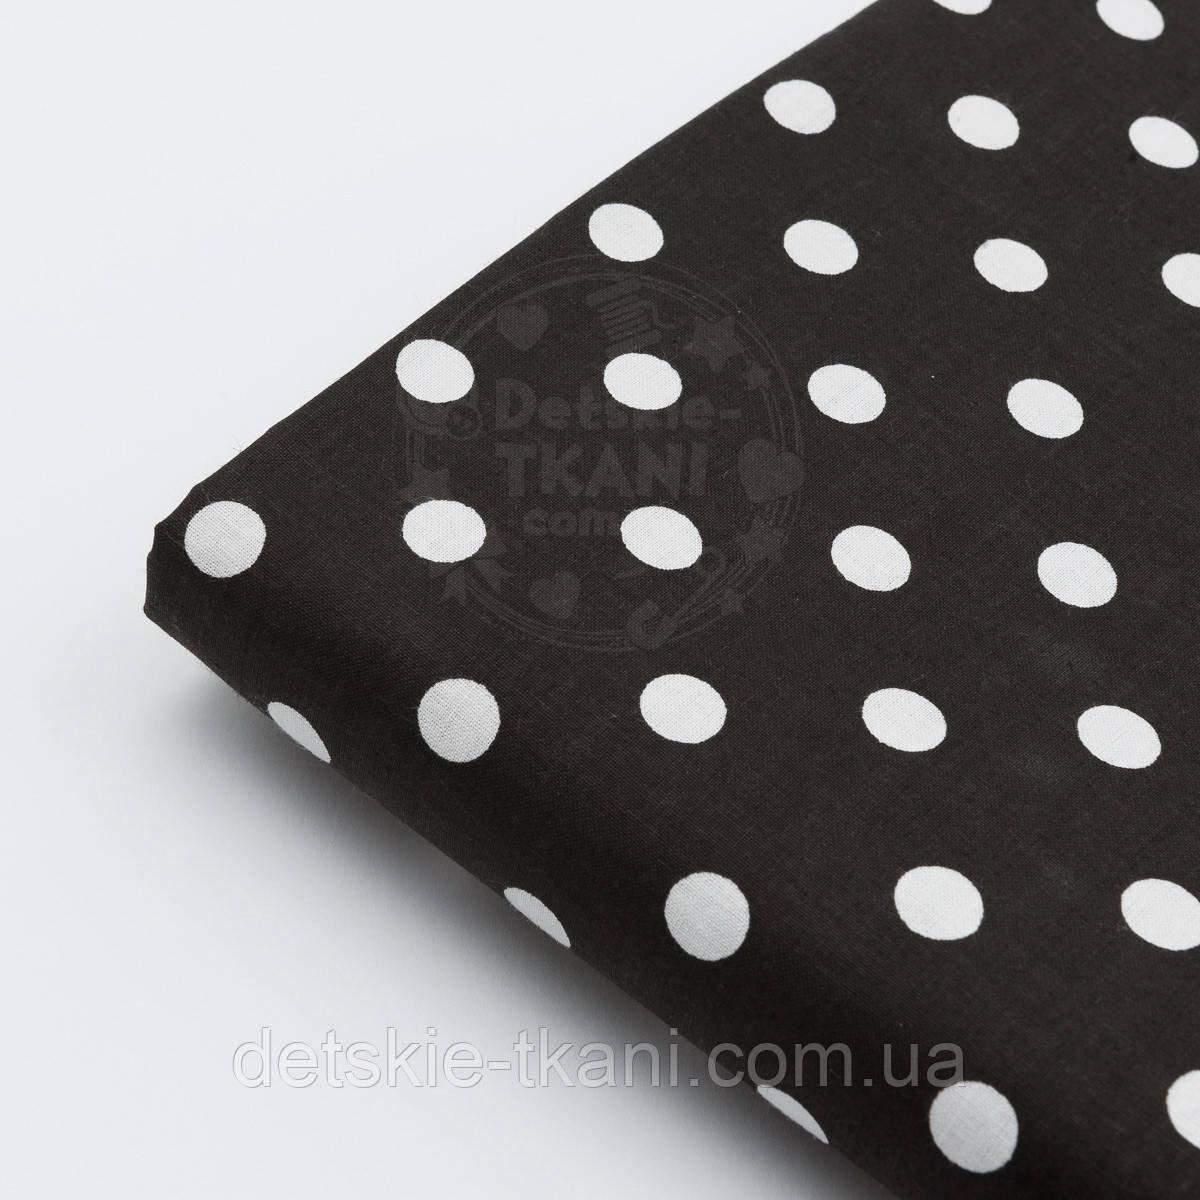 Лоскут ткани №516а  с белым горошком 11 мм на чёрном фоне, размер 38*46 см